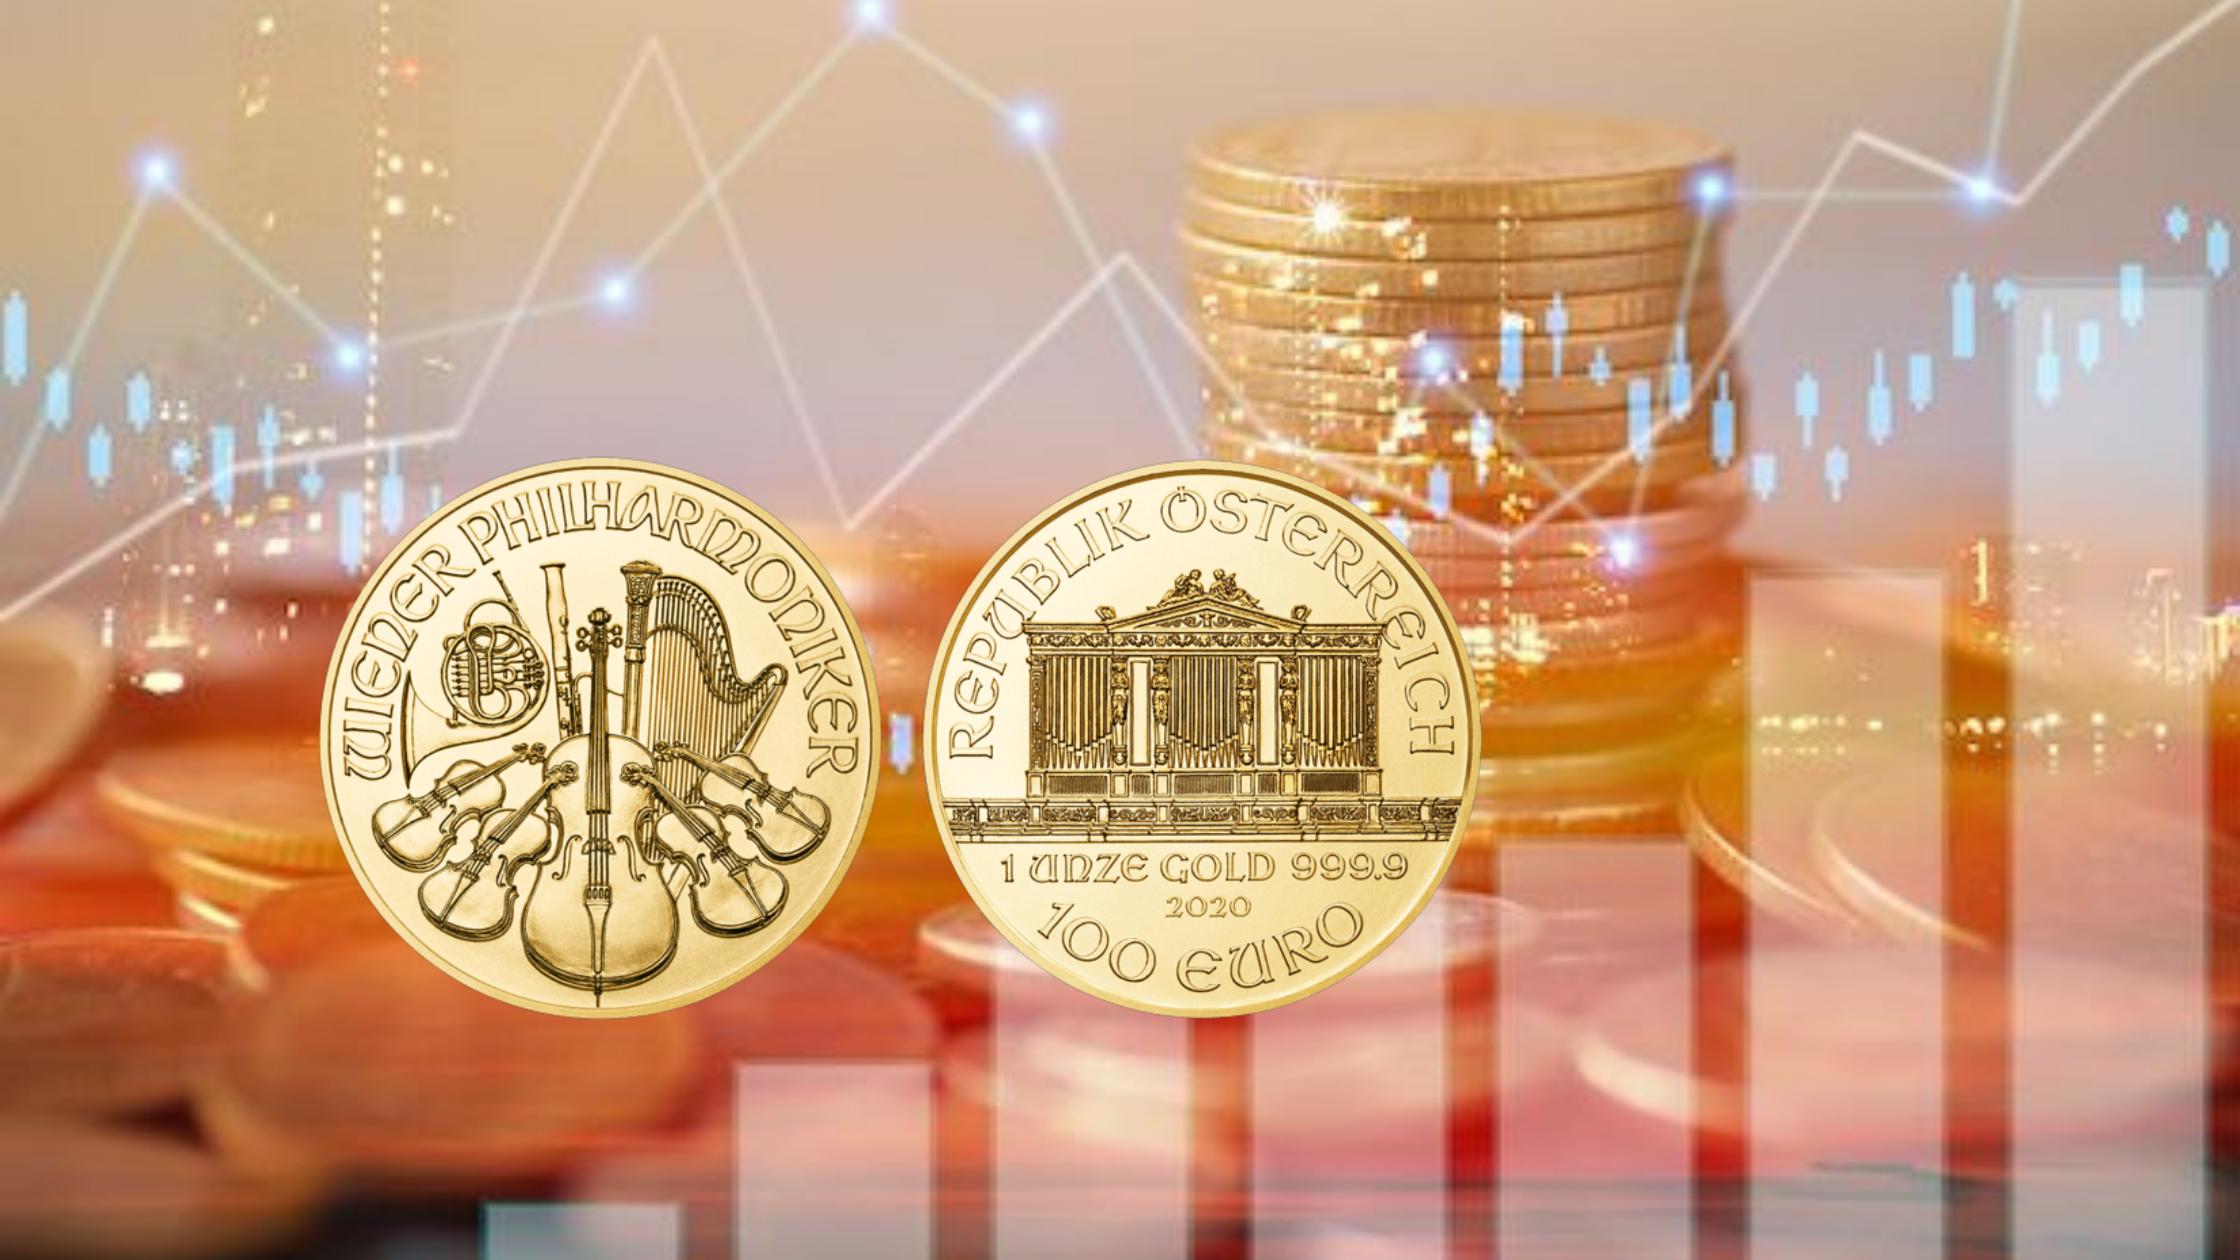 Cena zlata 5. augusta 2020 zlomila rekord.